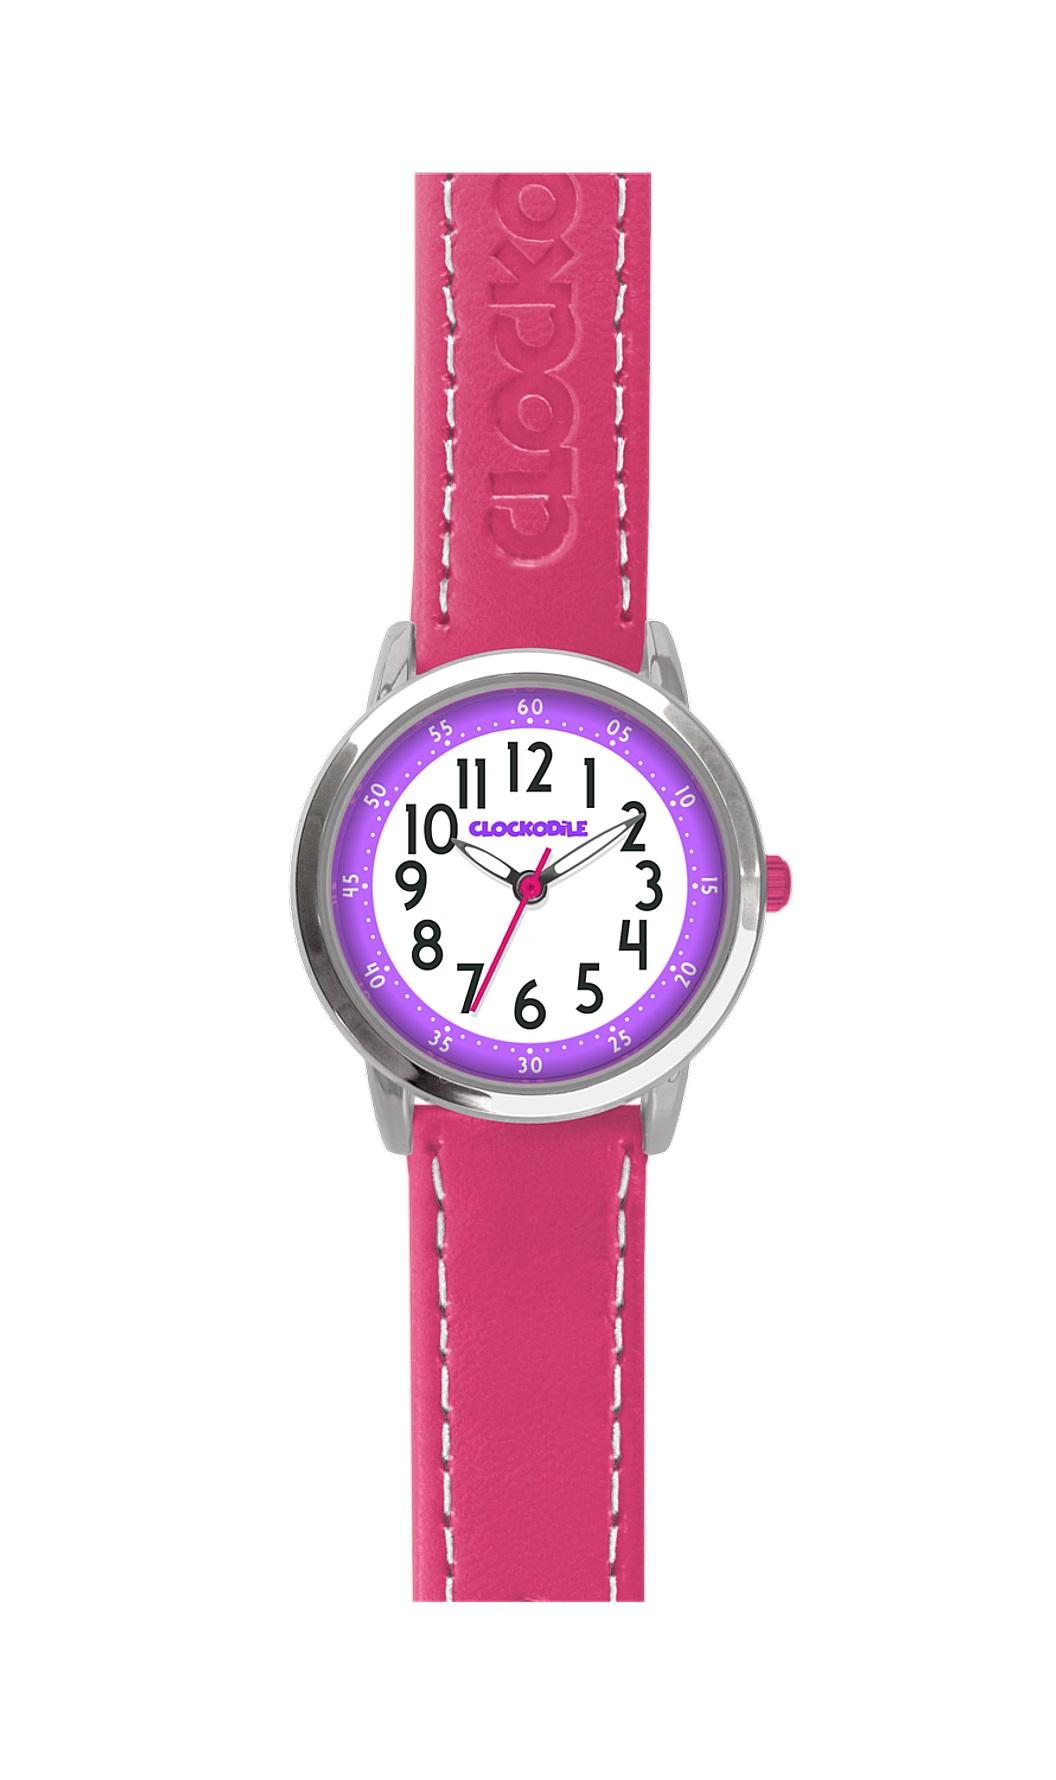 Dětské růžové dívčí hodinky CLOCKODILE COLOUR CWG5010